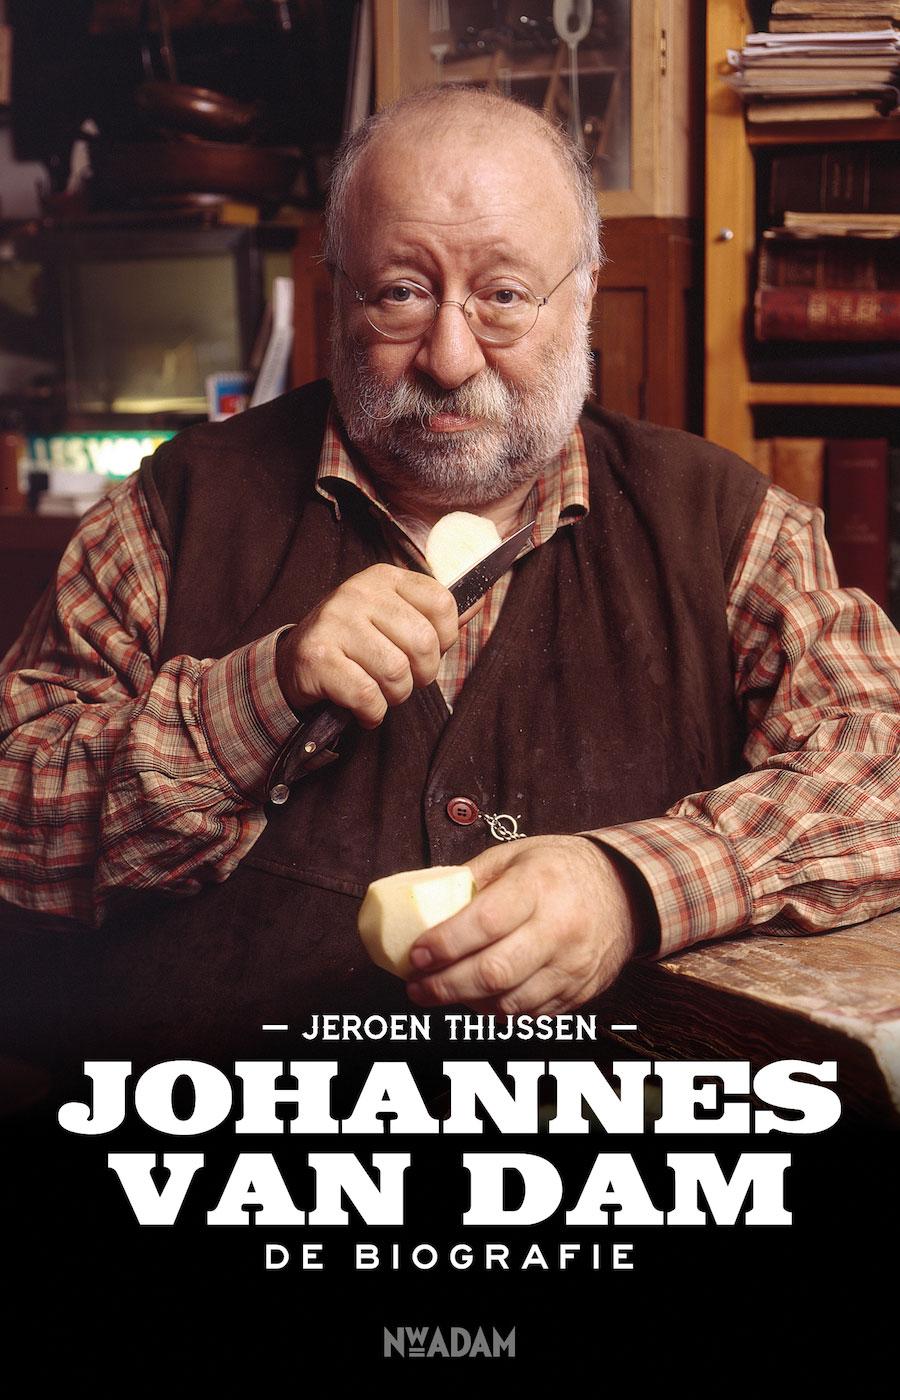 Johannes van Dam biografie